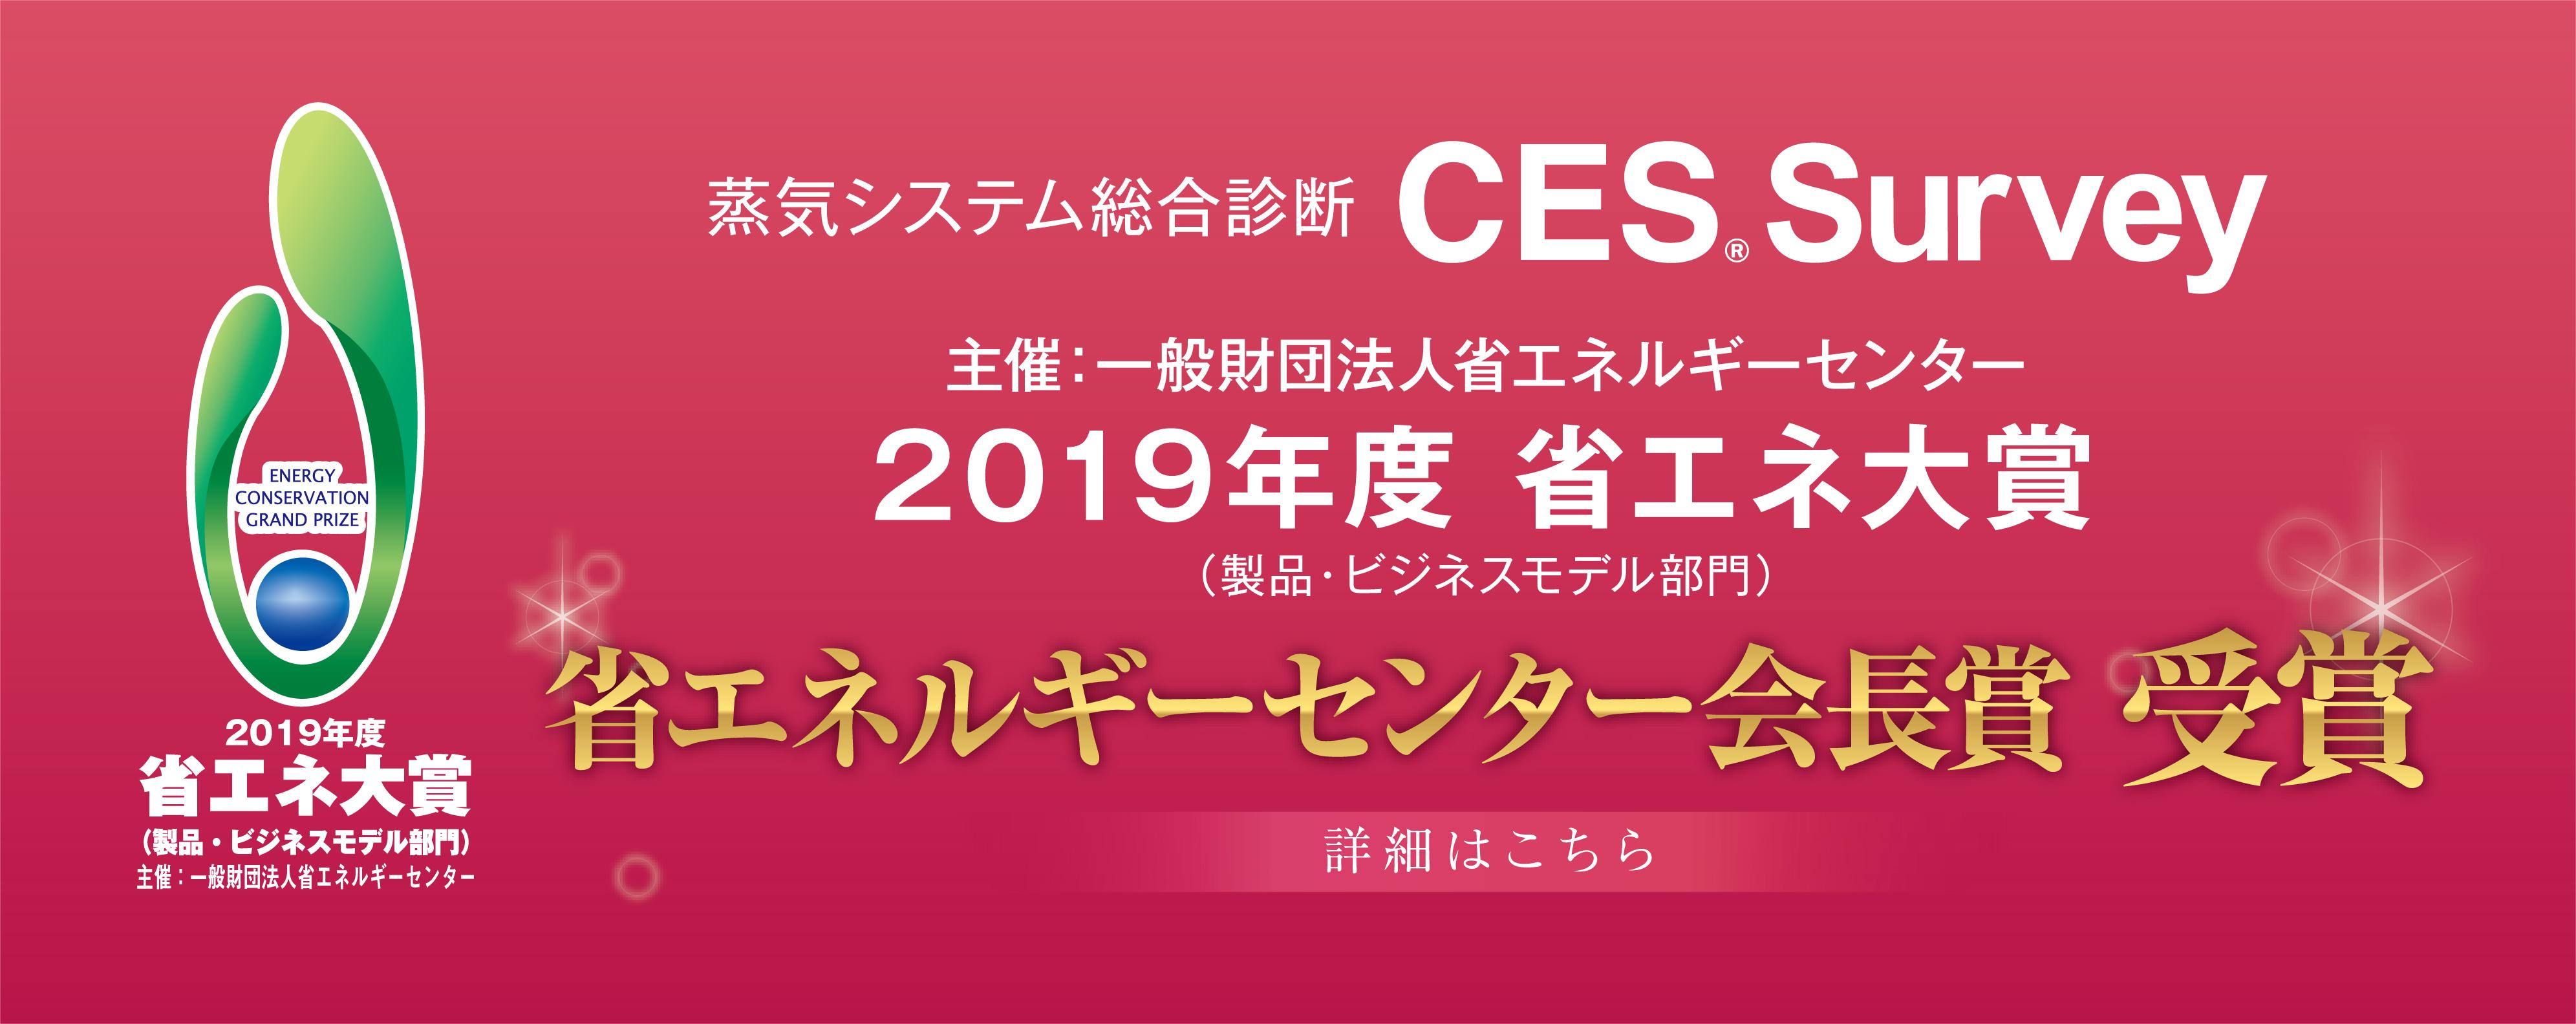 2019年度省エネ大賞受賞